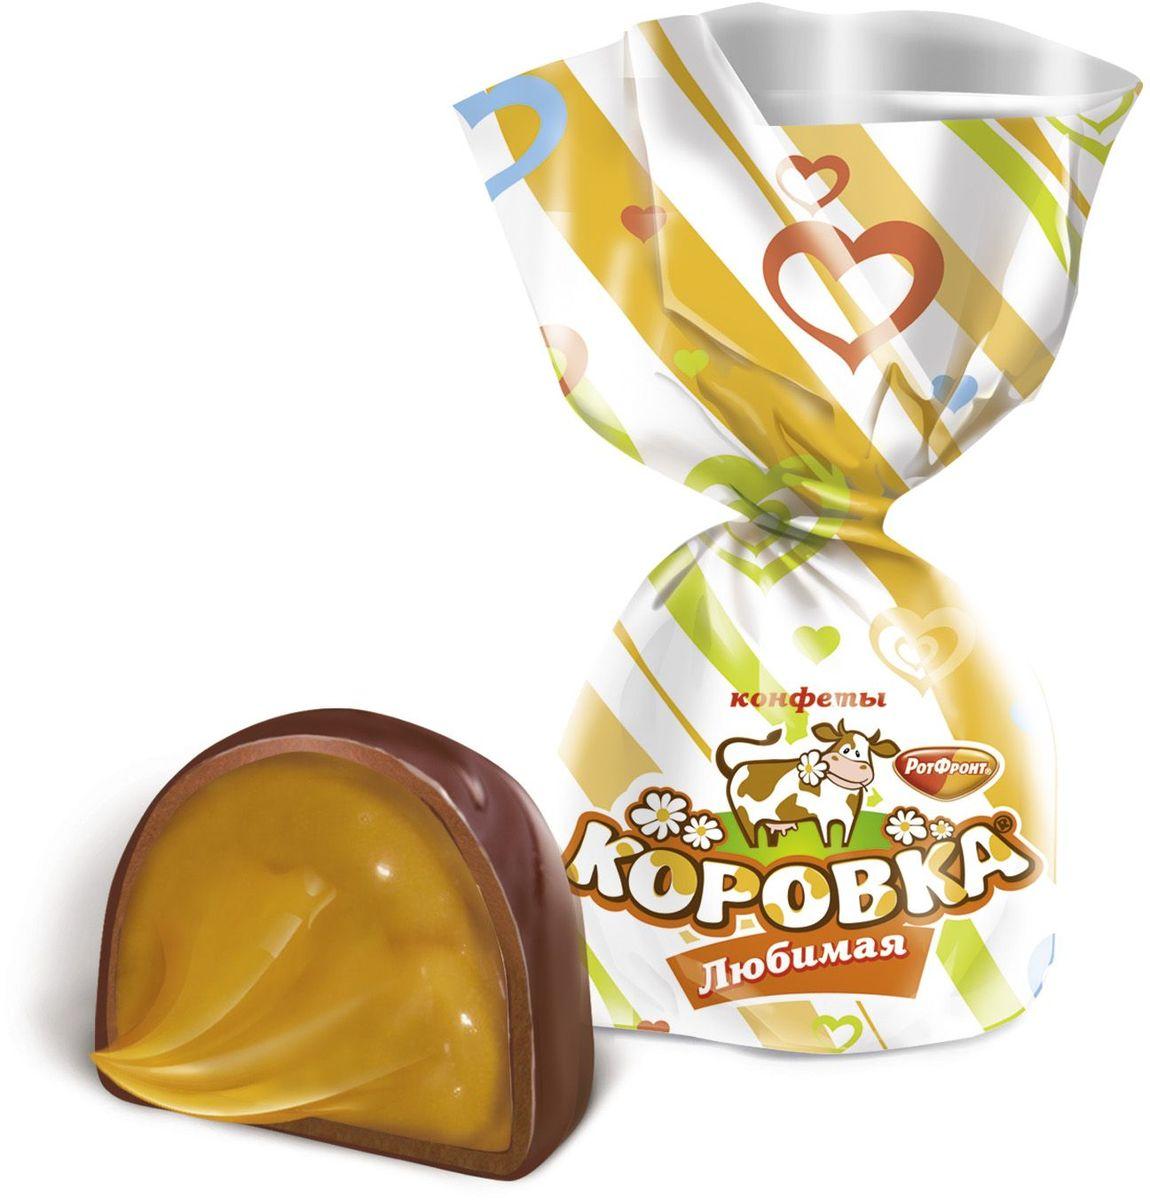 Рот-Фронт Коровка Любимая конфеты с карамельно-сливочной начинкой, покрытой шоколадной глазурью, 250 г0120710Знаменитые московские конфеты напоминают вкус детства!